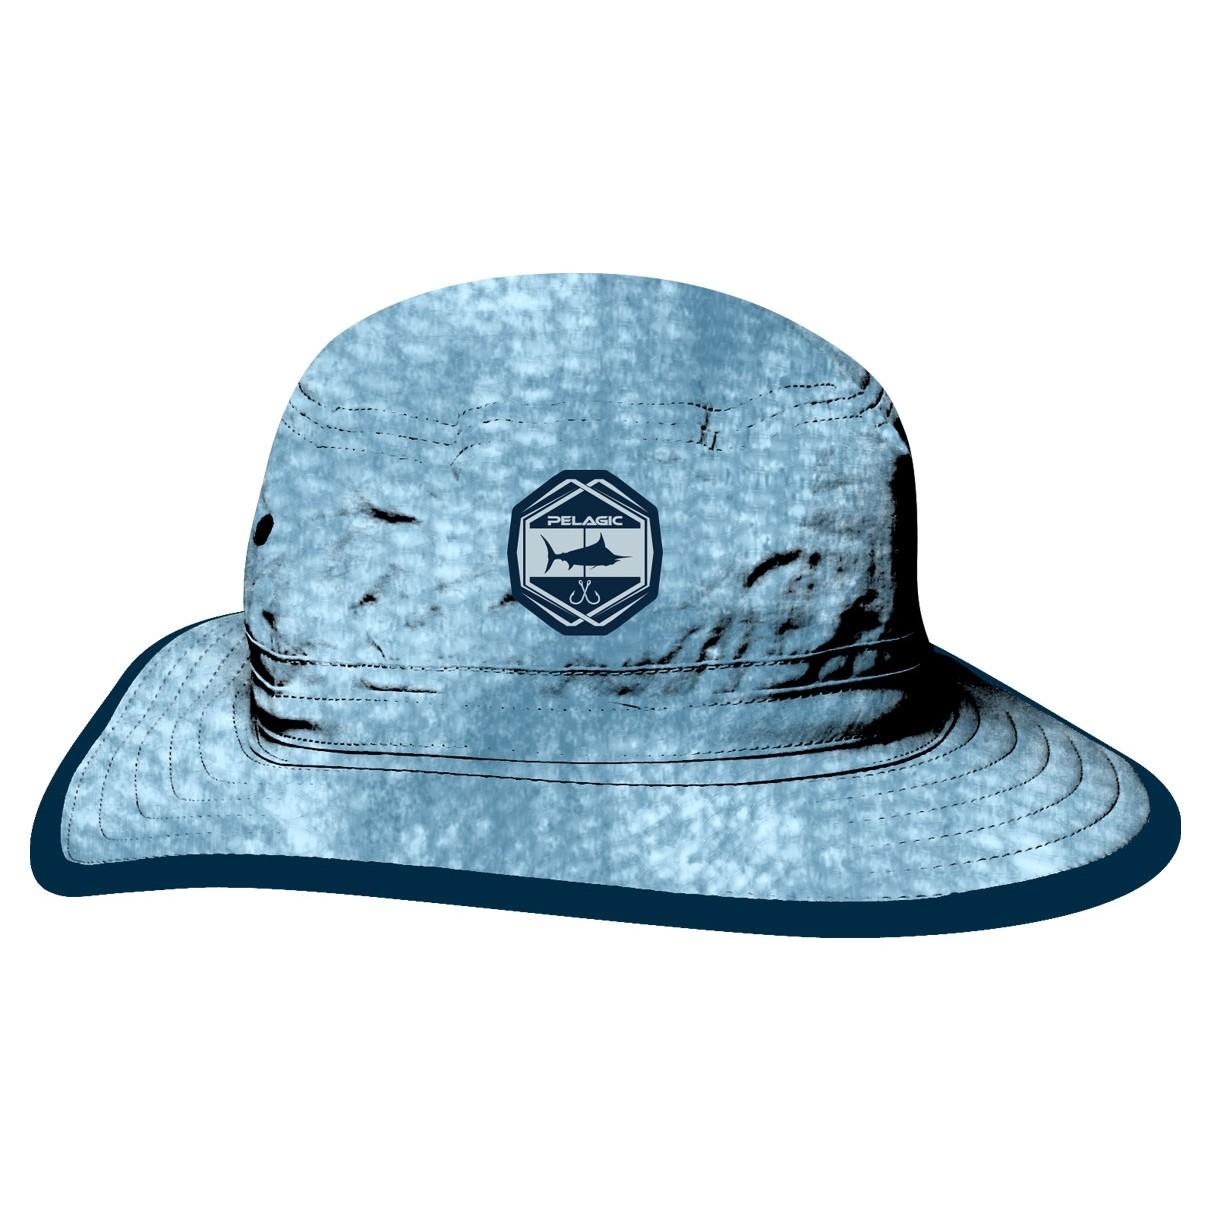 Pelagic Sunsetter +50 UPF Hat (Men's)